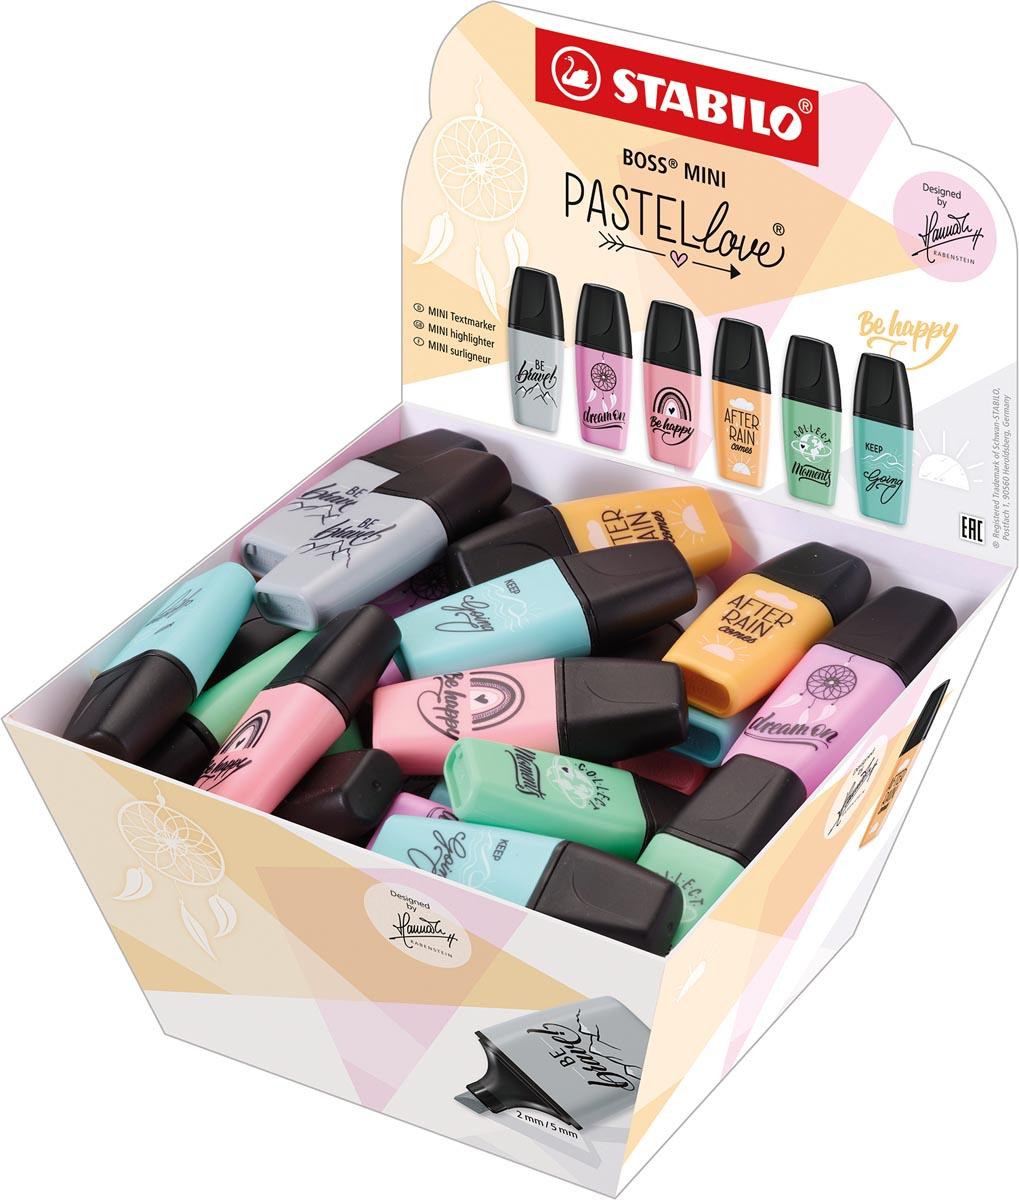 STABILO BOSS MINI Pastellove markeerstift, display van 50 stuks in geassorteerde pastelkleuren